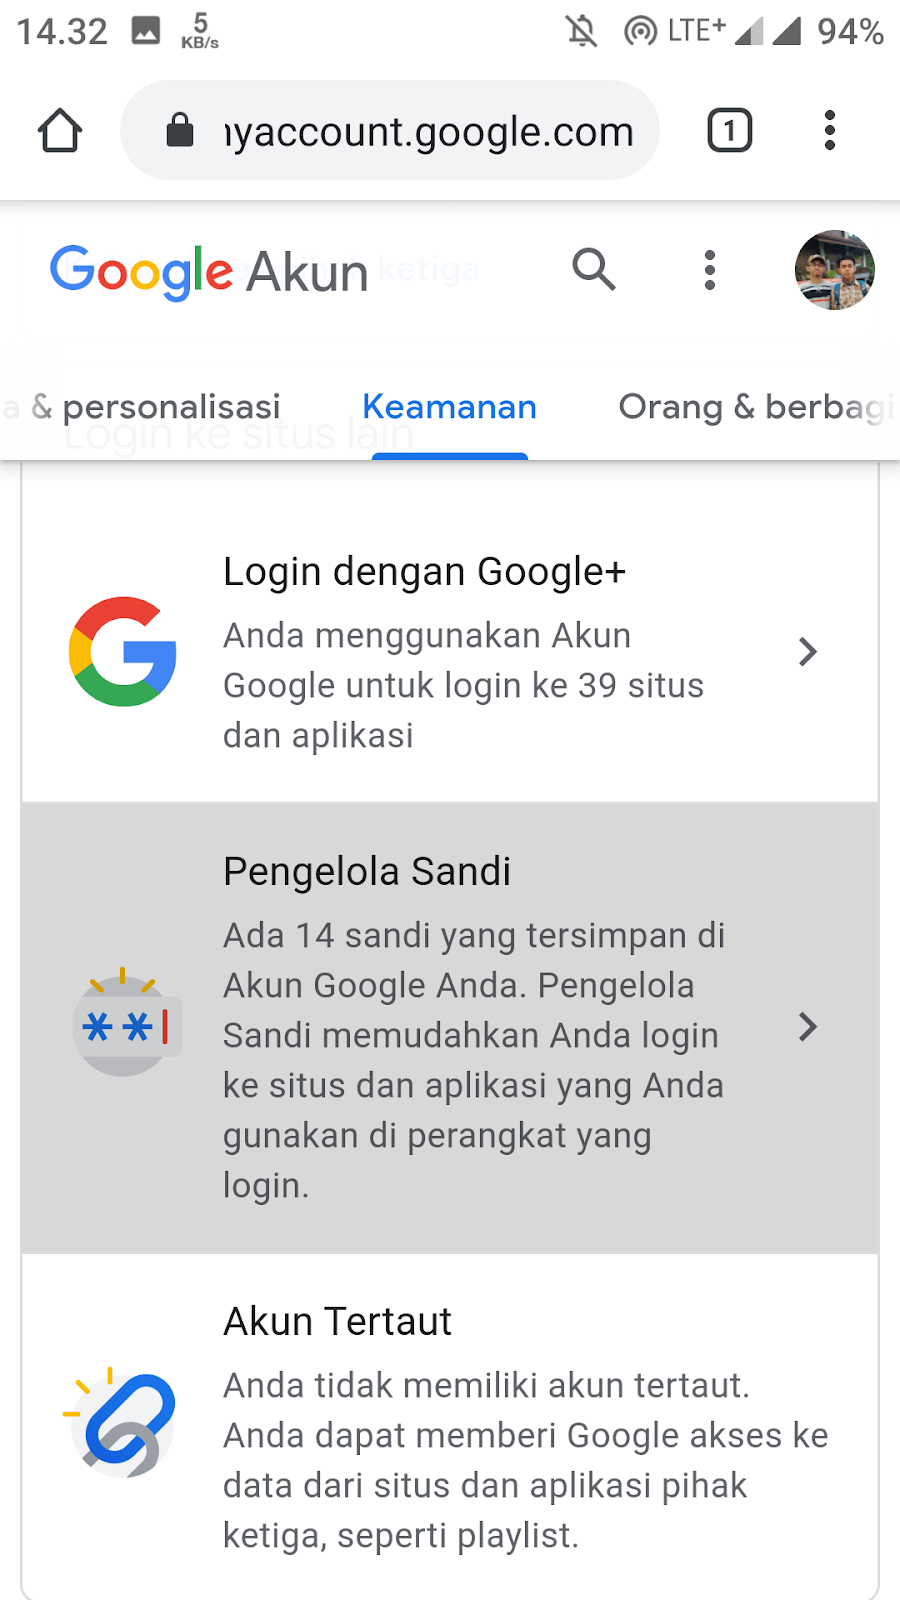 Cara Melihat Password Yang Tersimpan Di Akun Google Kita Webaik